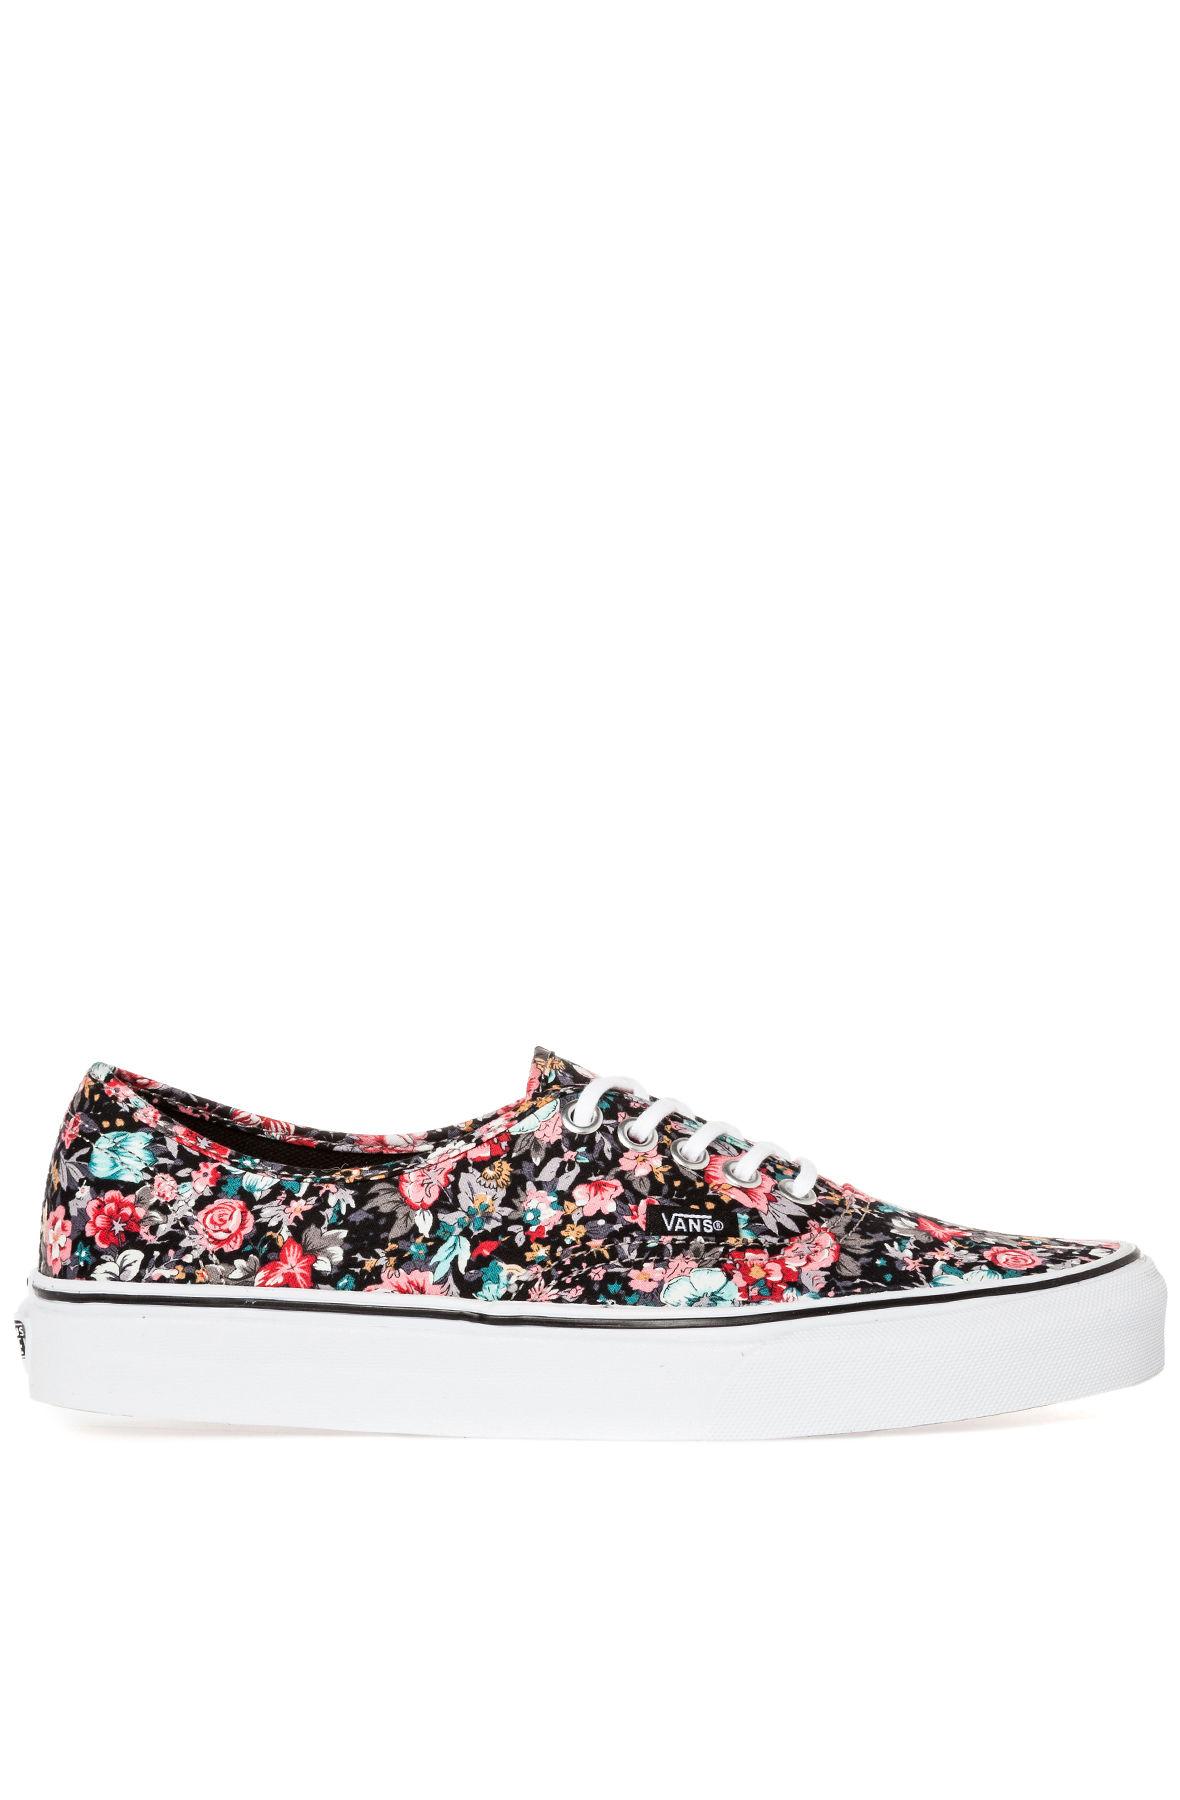 Vans Footwear Sneaker The Authentic in Multi Floral Multi